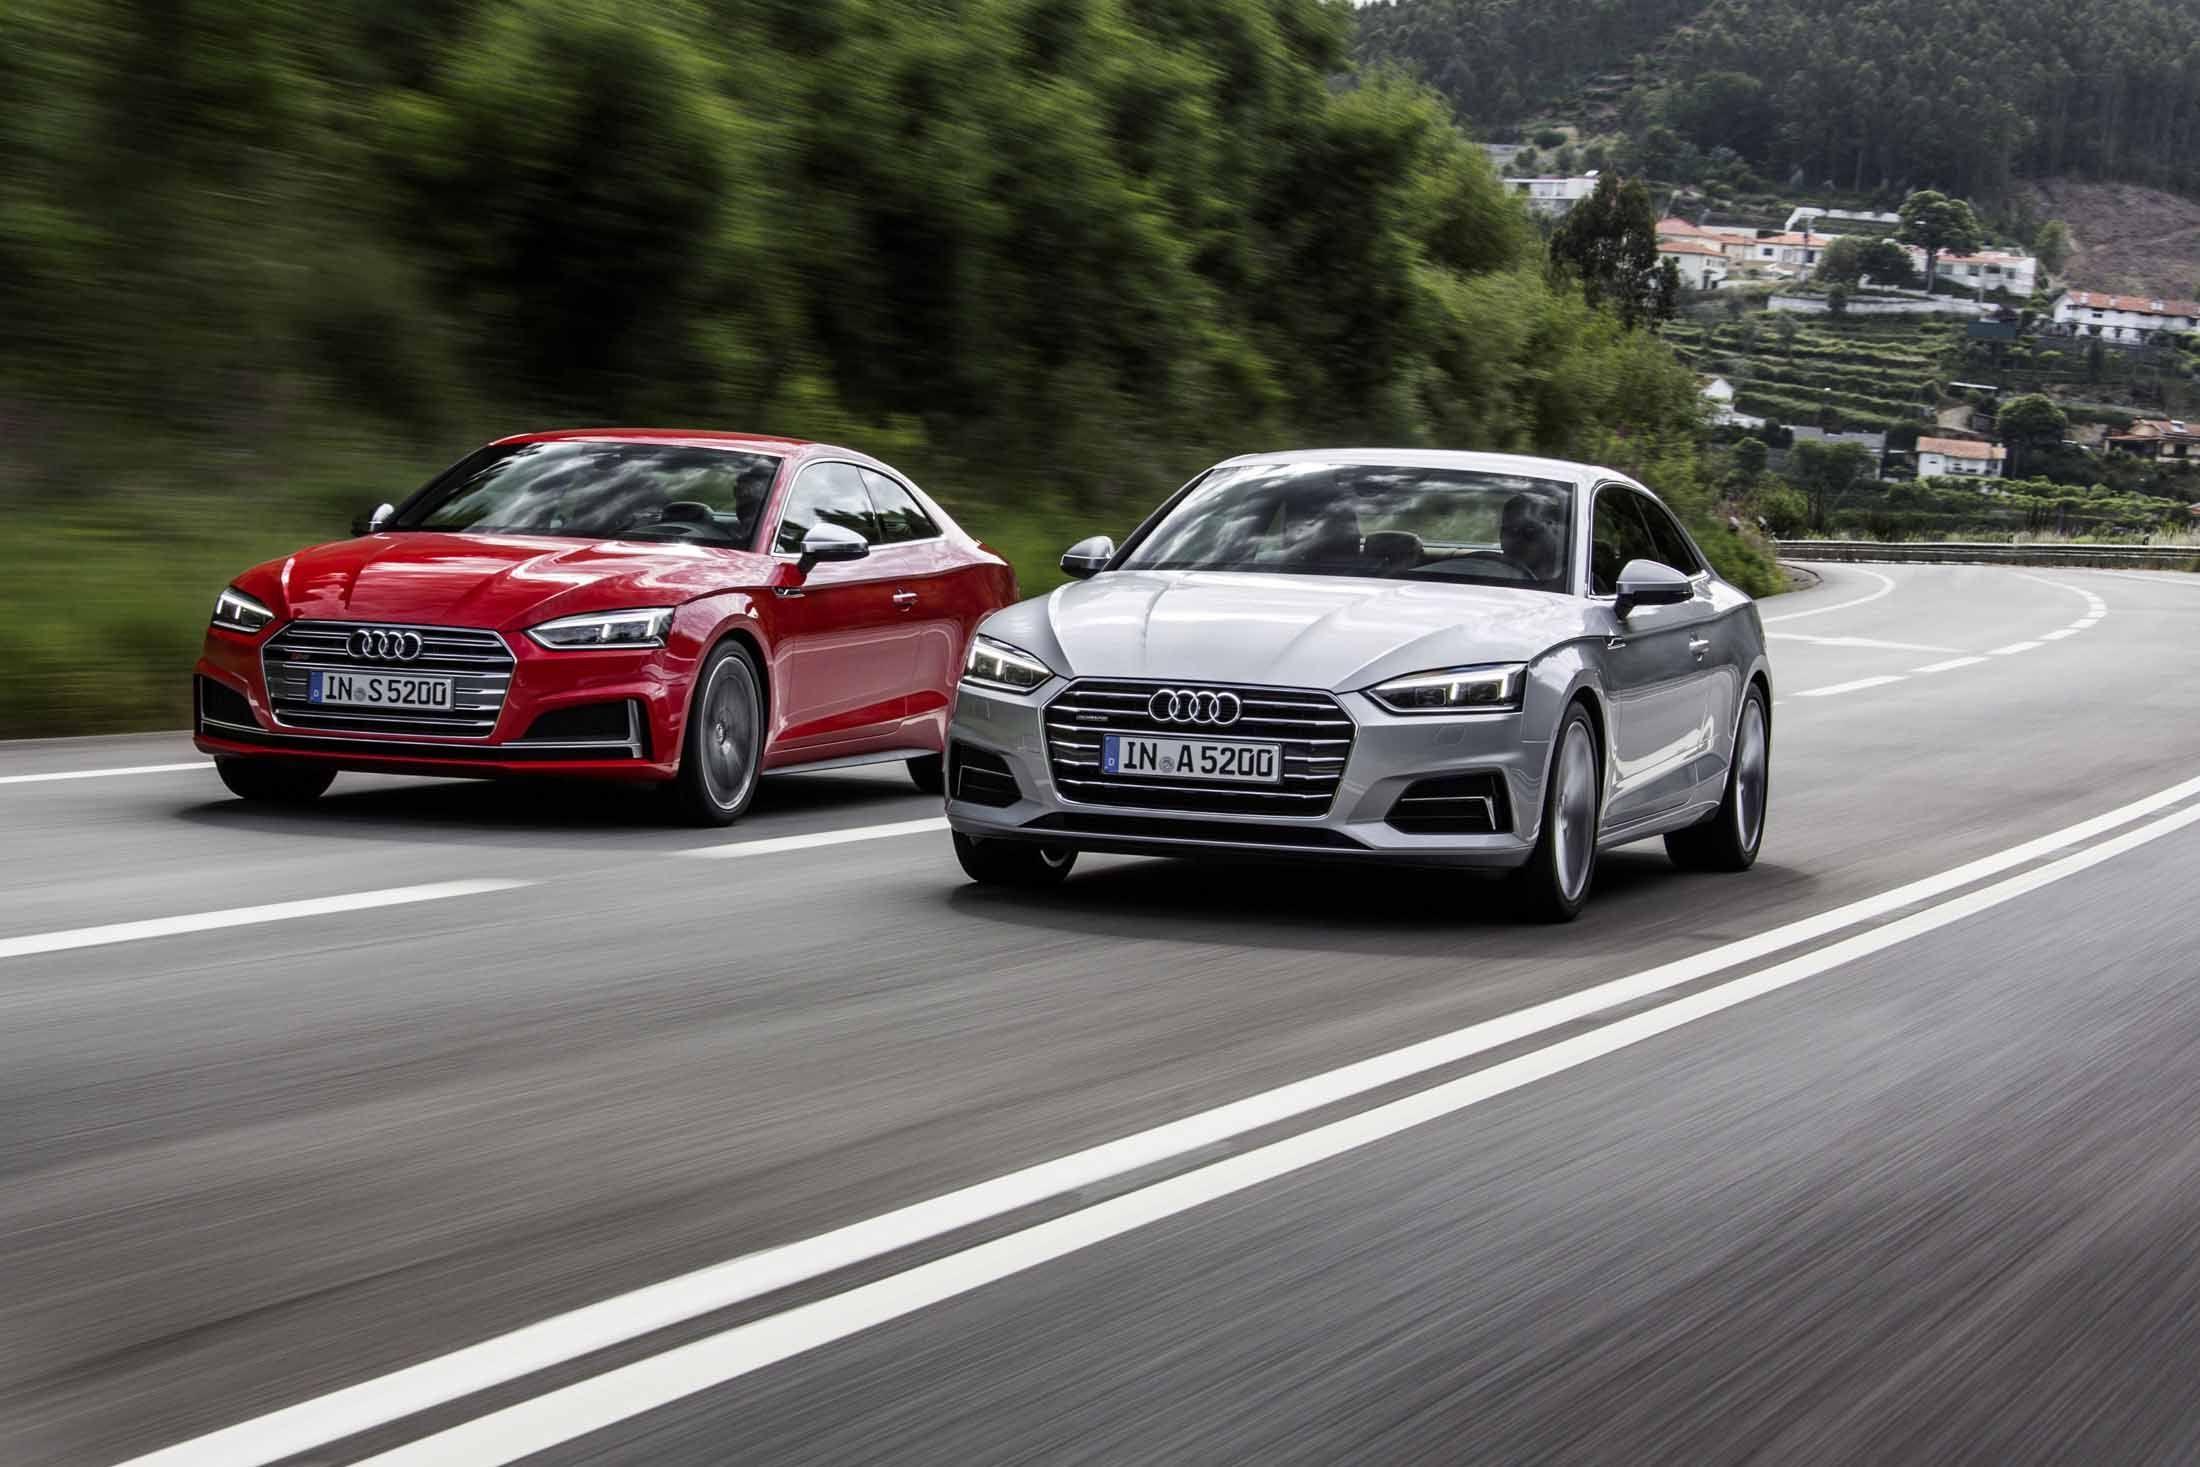 Best 2020 Audi A5s Release Date | Audi s5, Audi a5, Audi